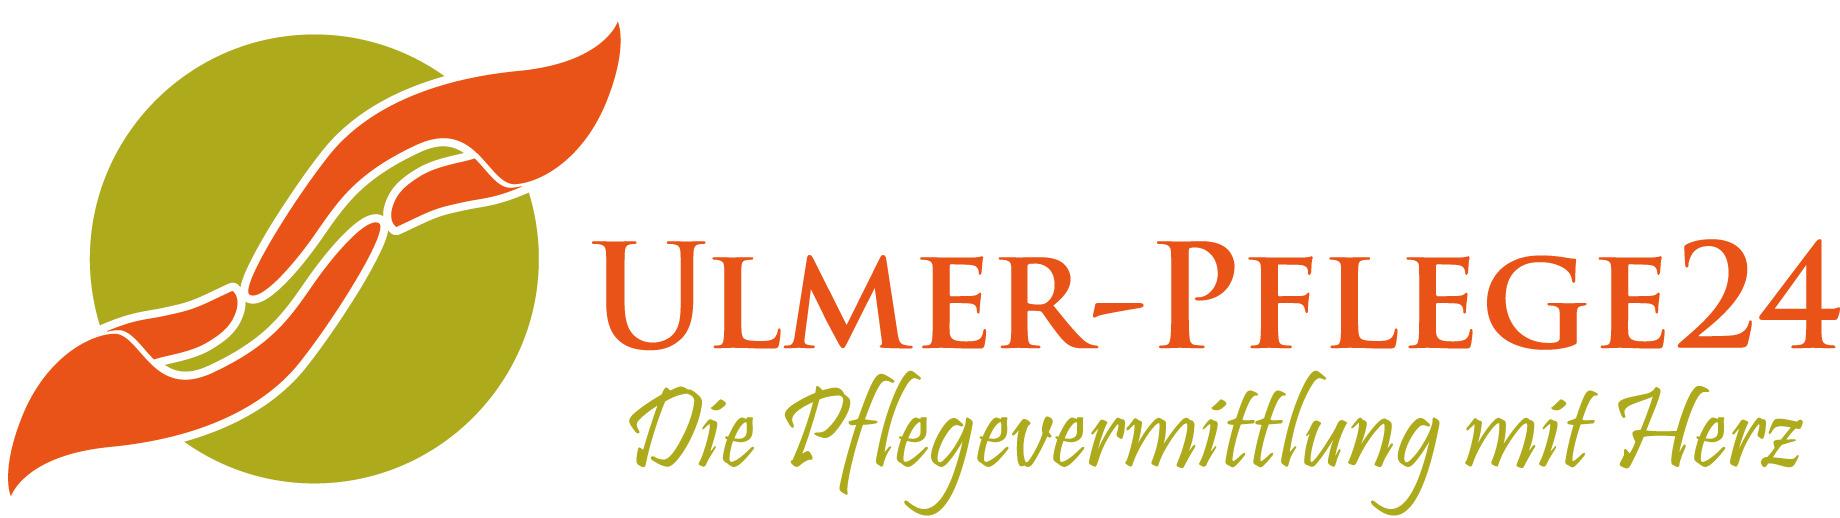 Logo Ulmer-Pflege24